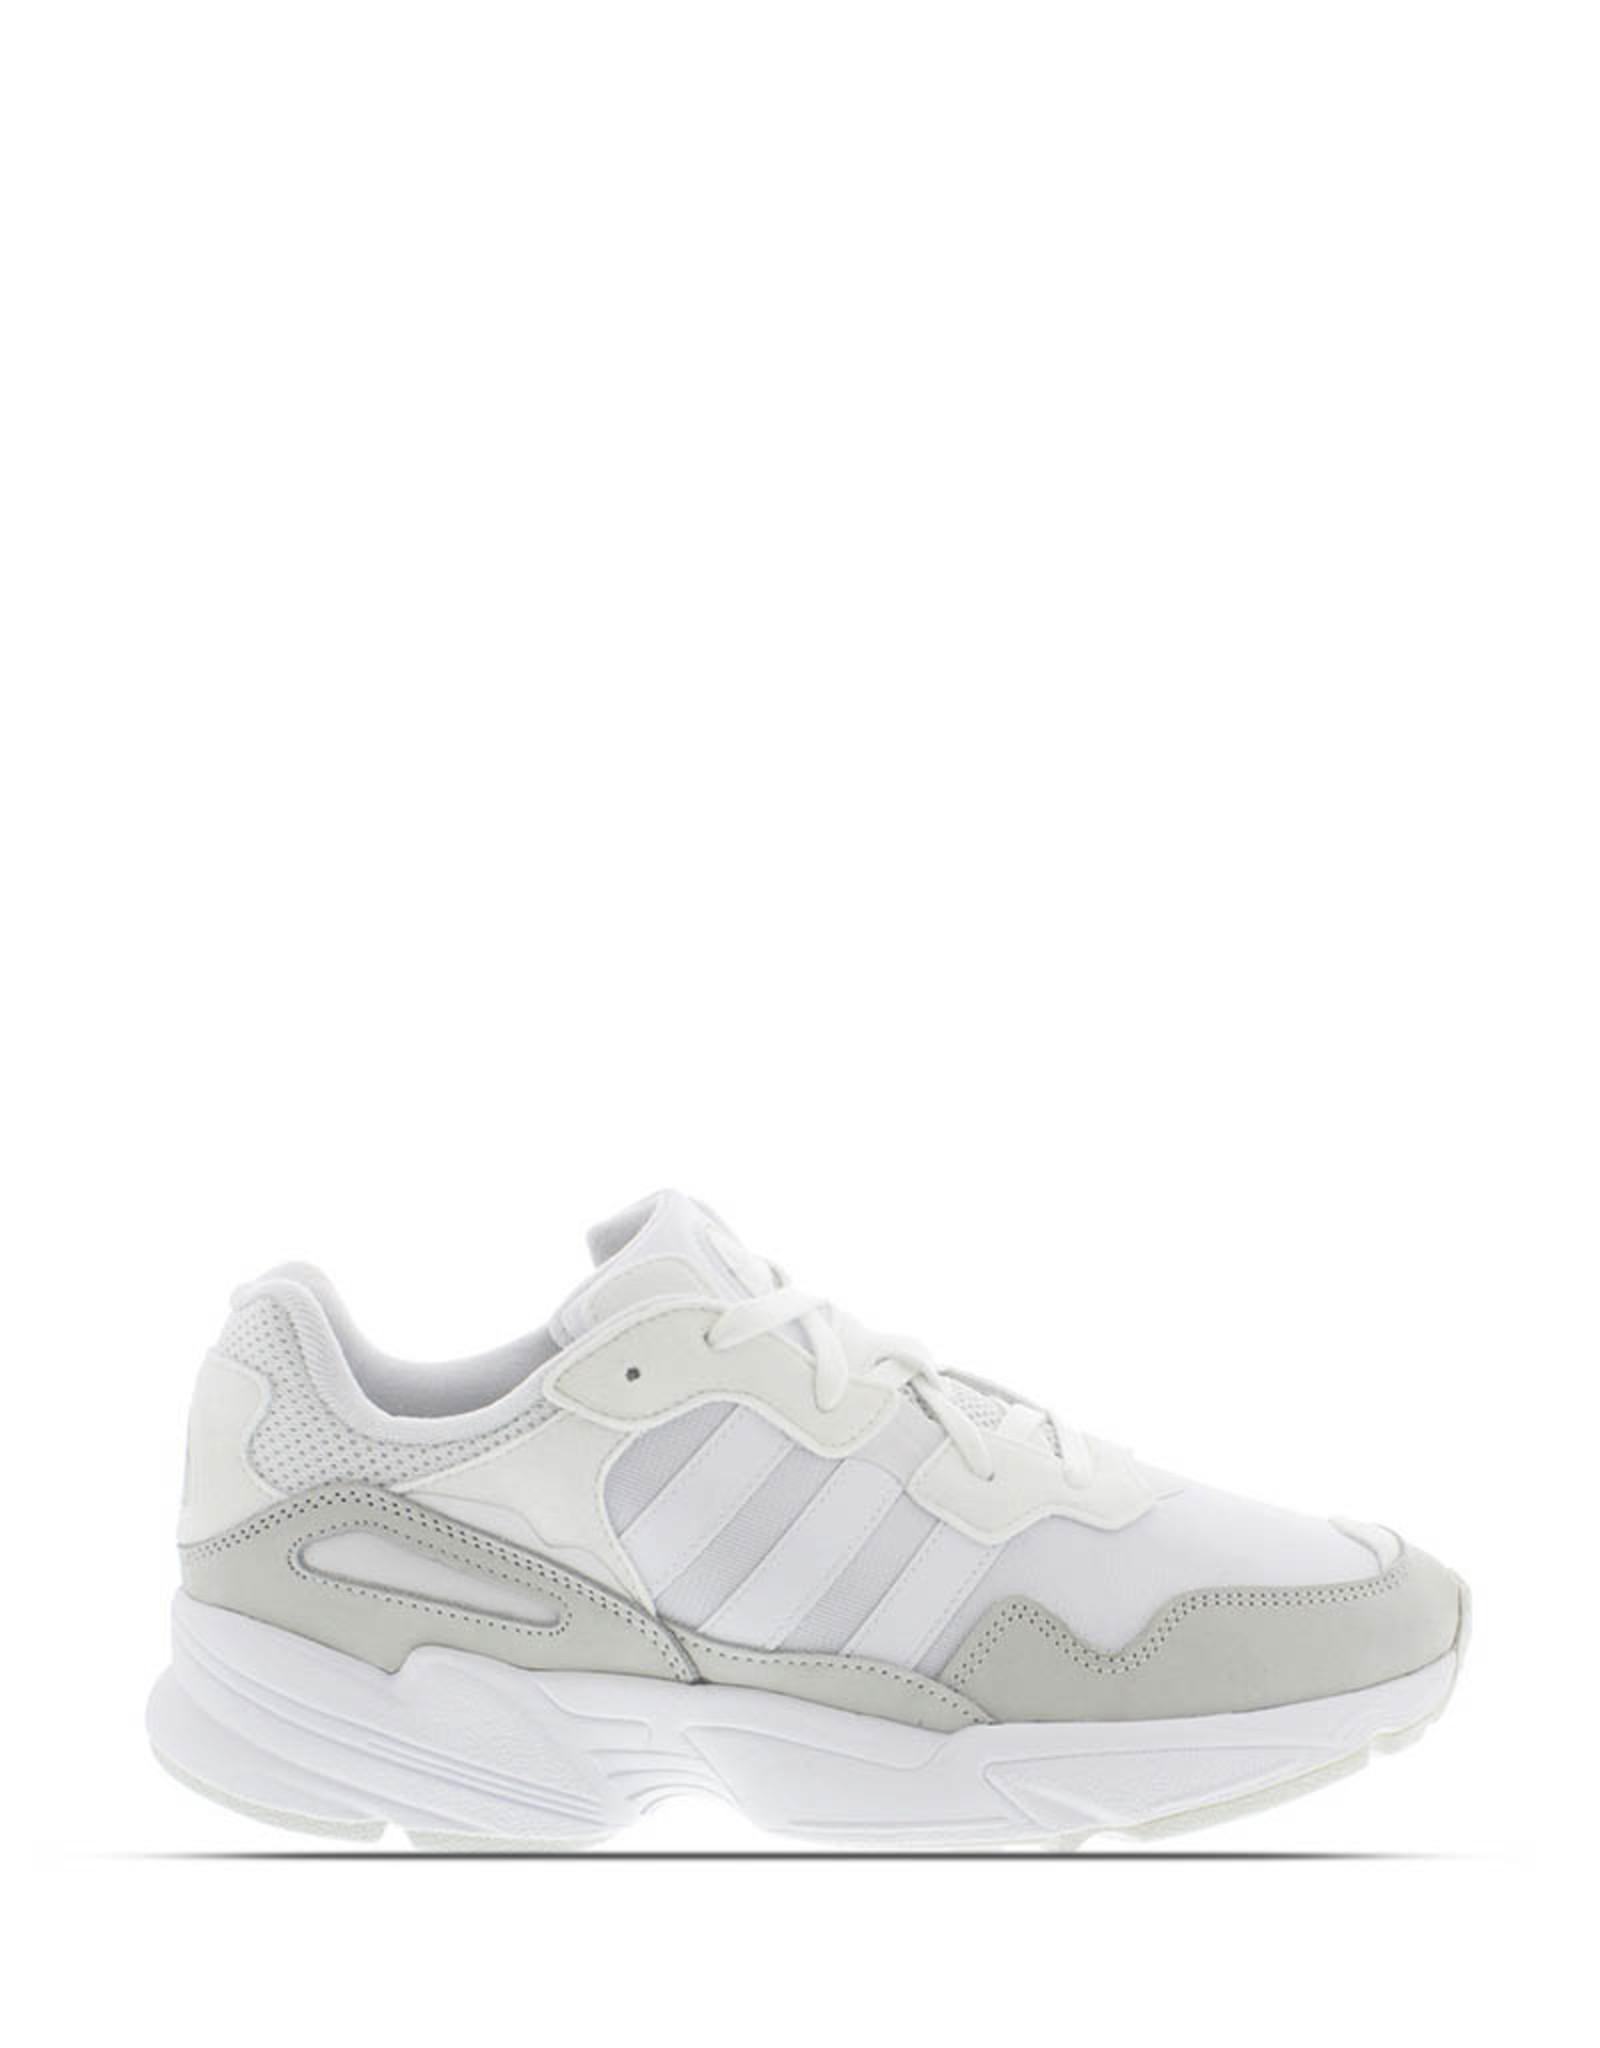 ADIDAS YUNG-96 WHITE/WHITE